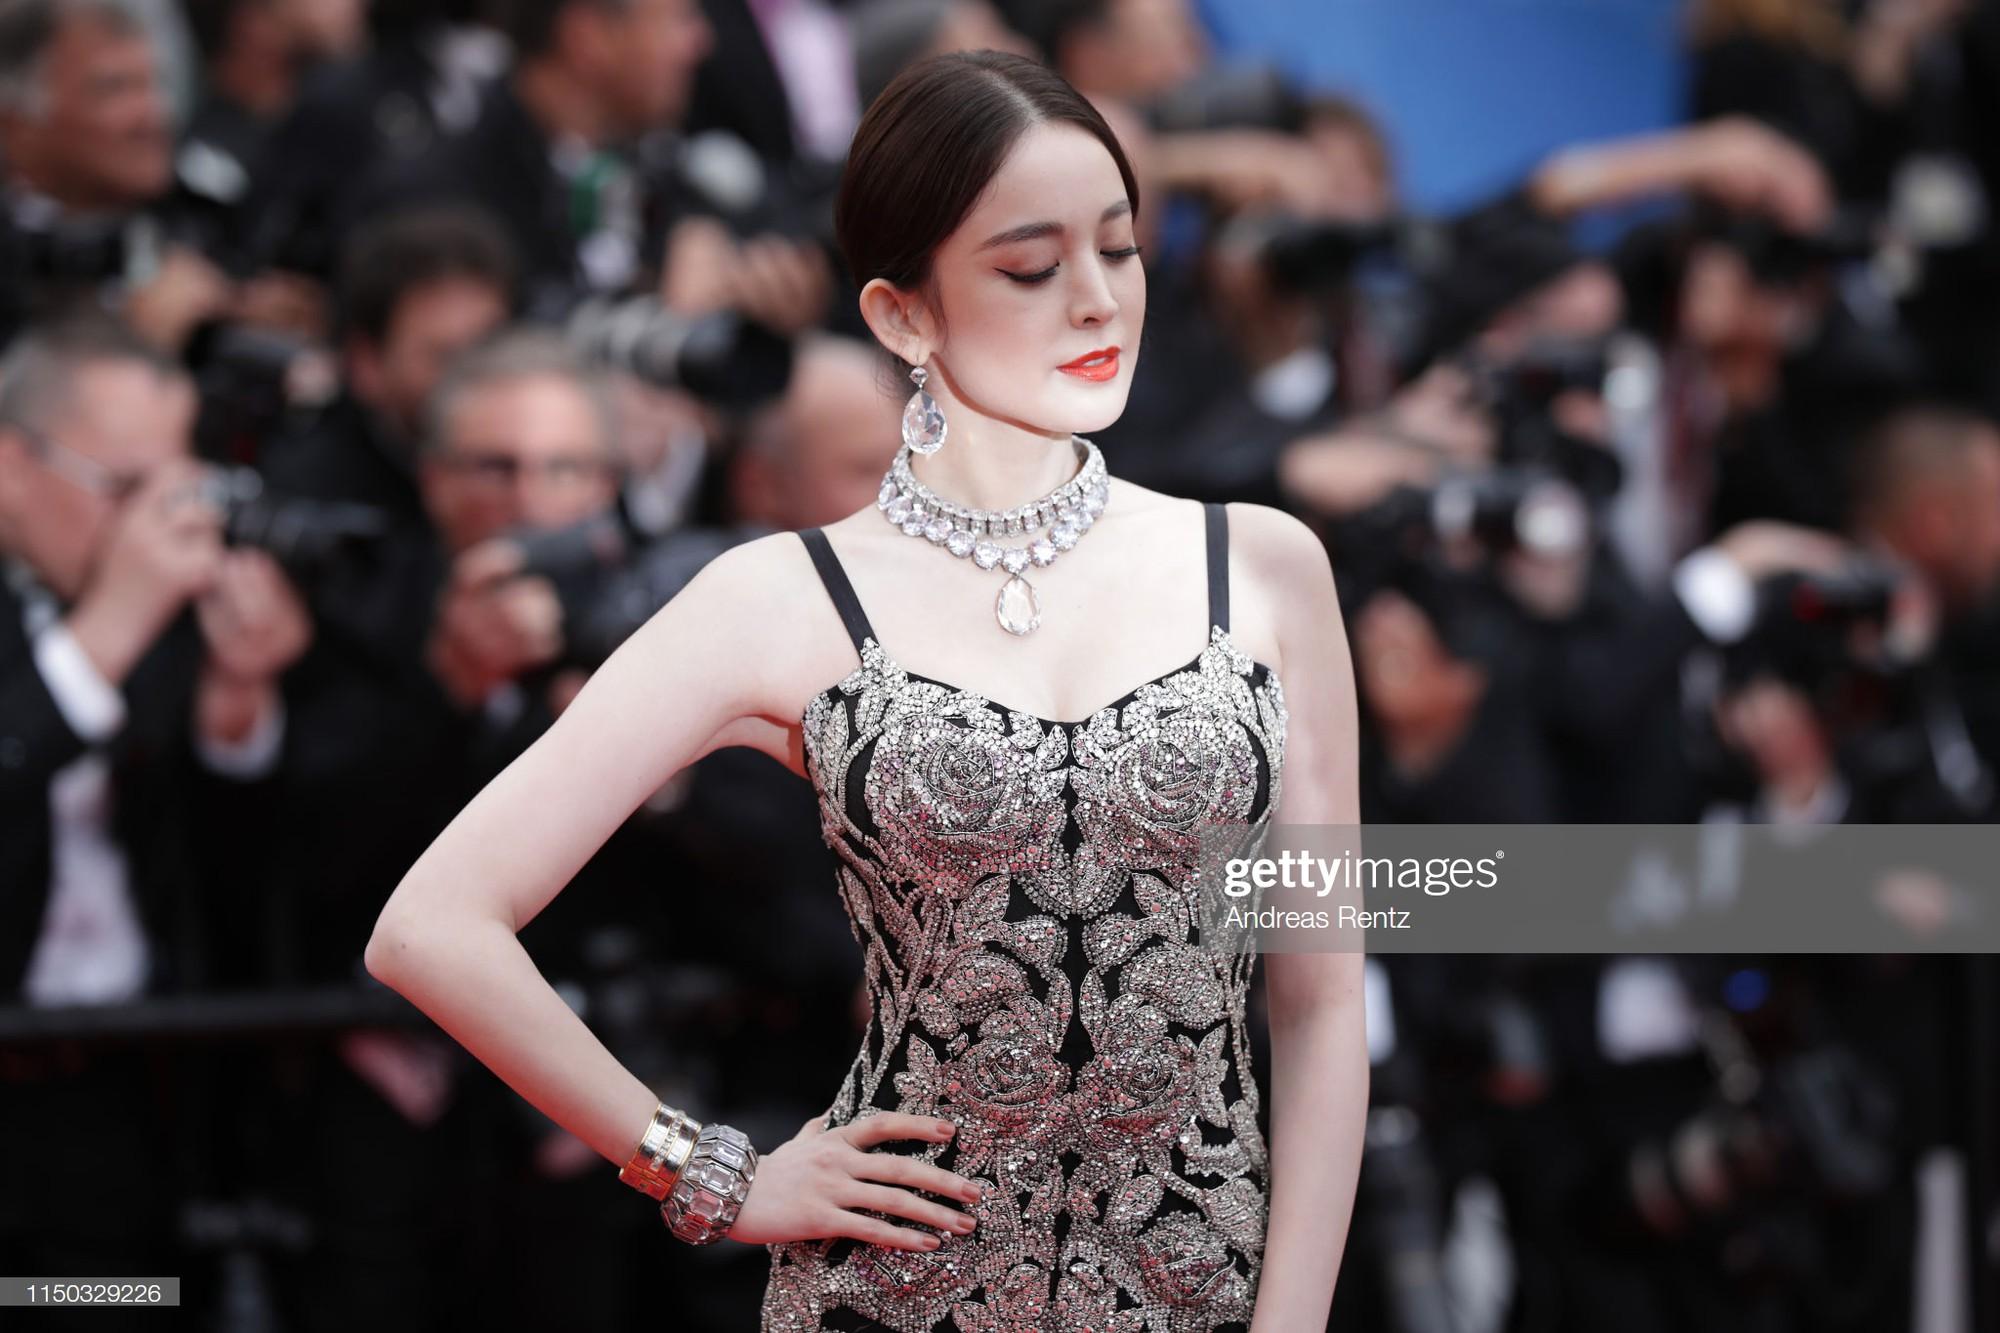 Mỹ nhân bị nhầm với Ngọc Trinh: Nàng công chúa Hoa ngữ đẹp ná thở tại Cannes bất chấp ảnh không photoshop - Ảnh 7.